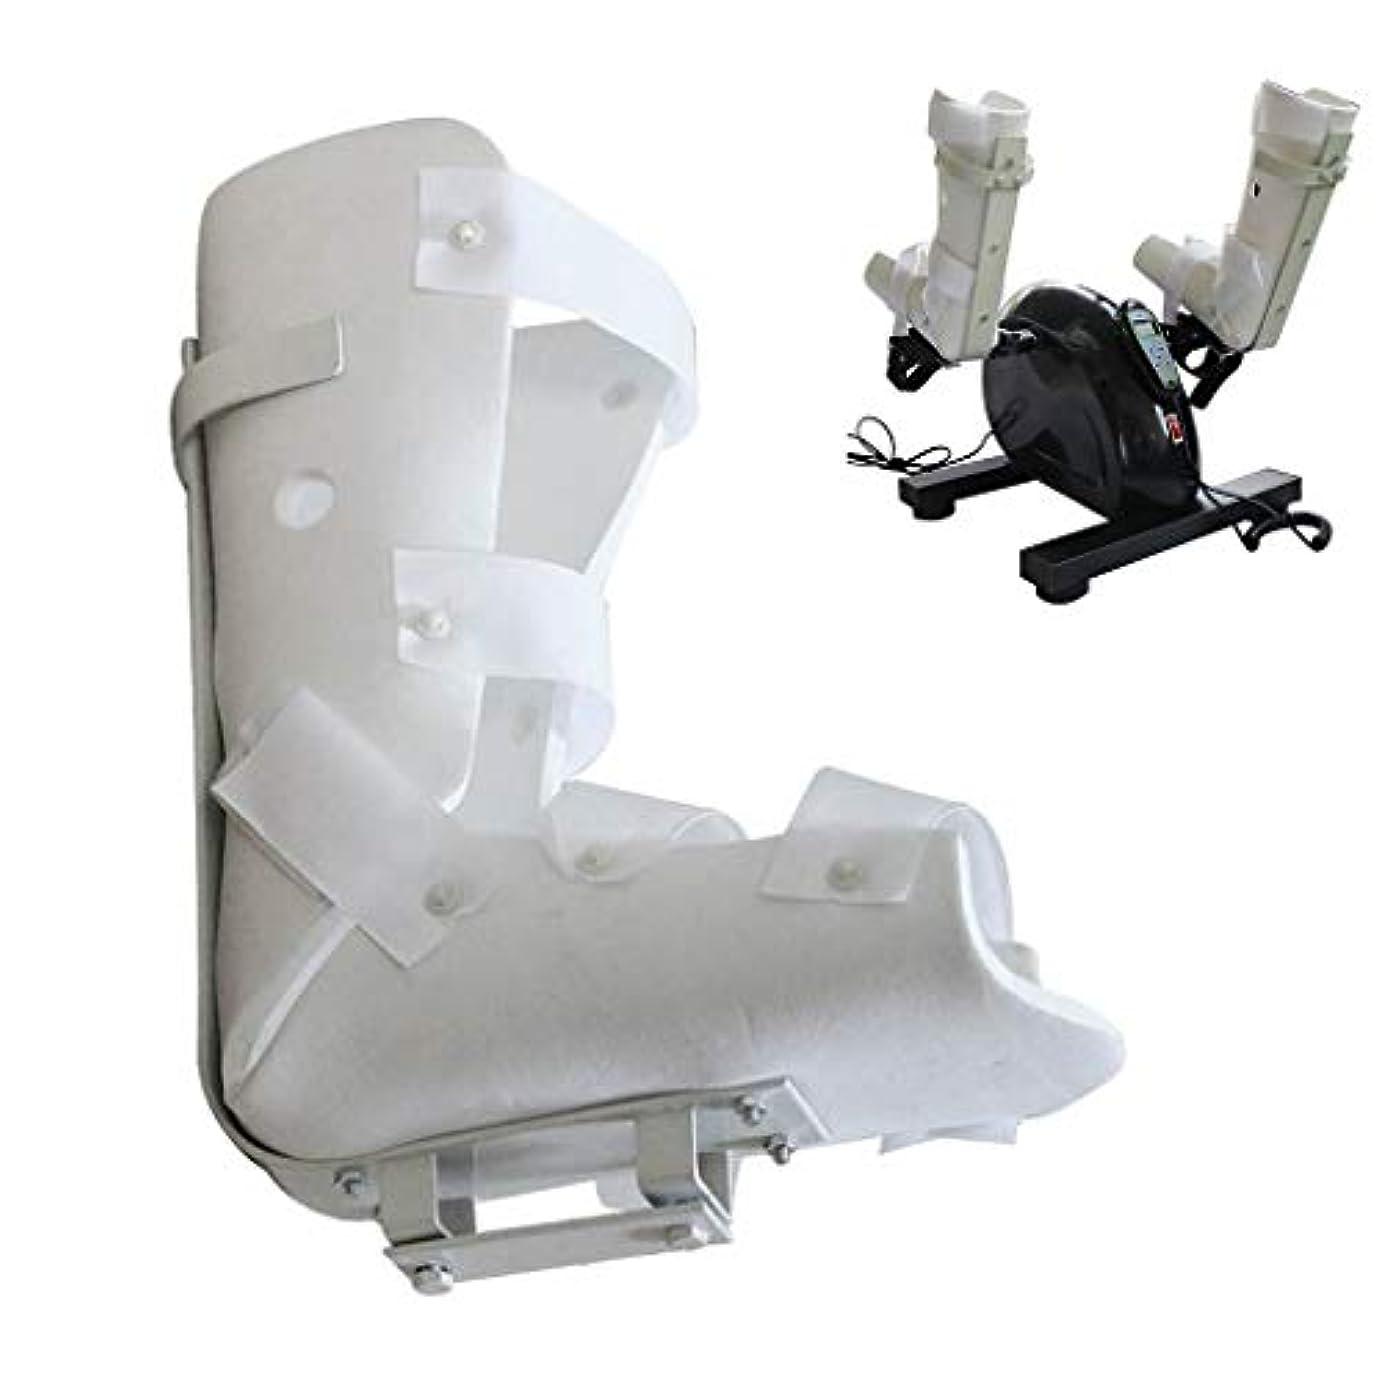 王室インタビュー休眠電子理学療法コンフォートソフトスプリント、ハンディキャップ障害者および脳卒中サバイバー、1ペア用のリハビリバイクペダル電動トレーナーの脚サポート